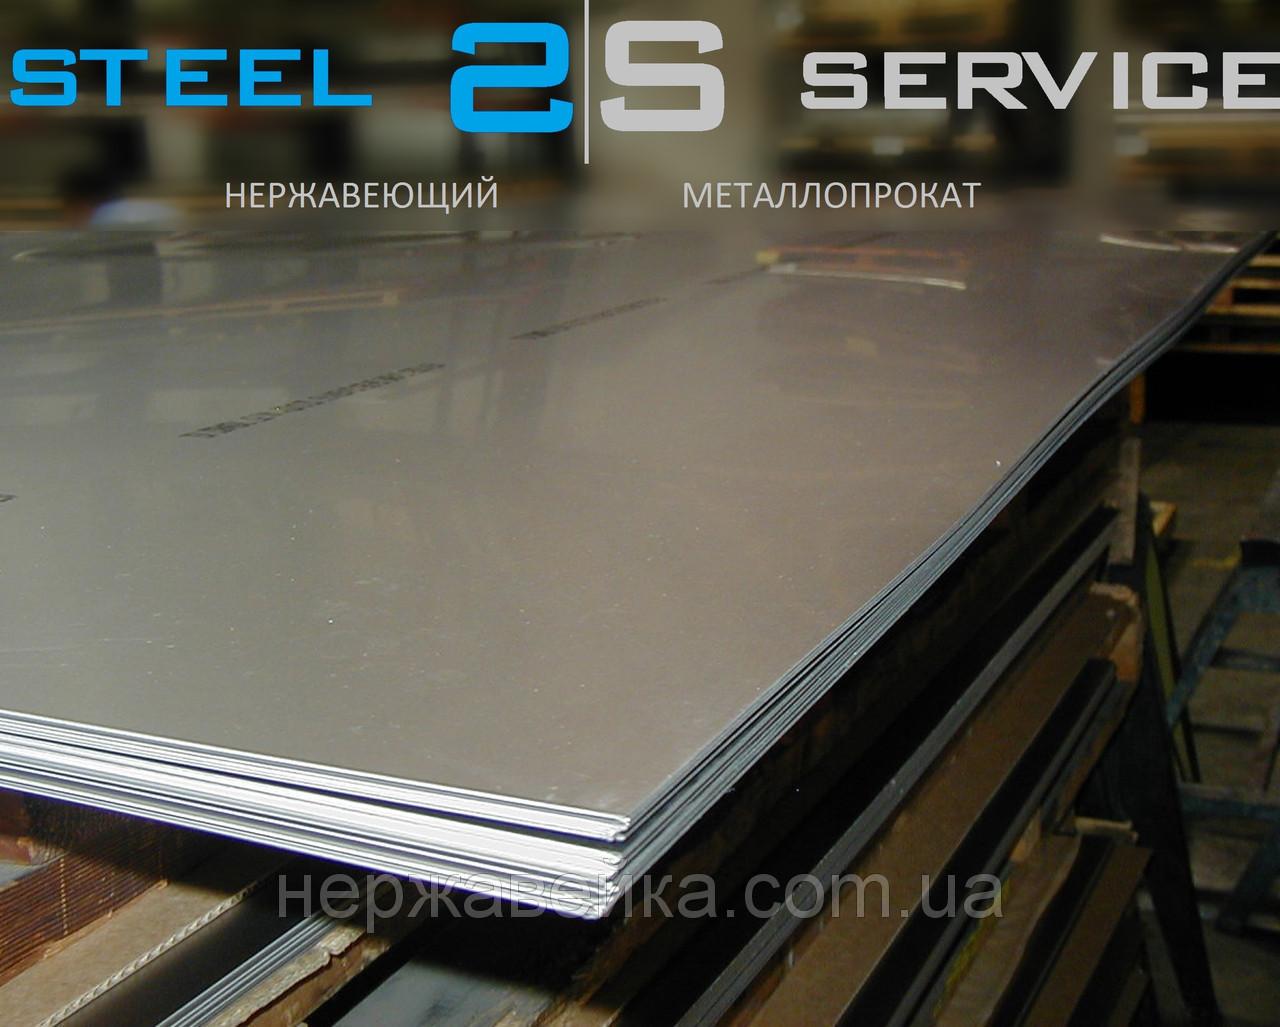 Нержавейка лист 3х1250х2500мм  AISI 309(20Х23Н13, 20Х20Н14С2) 2B - матовый,  жаропрочный